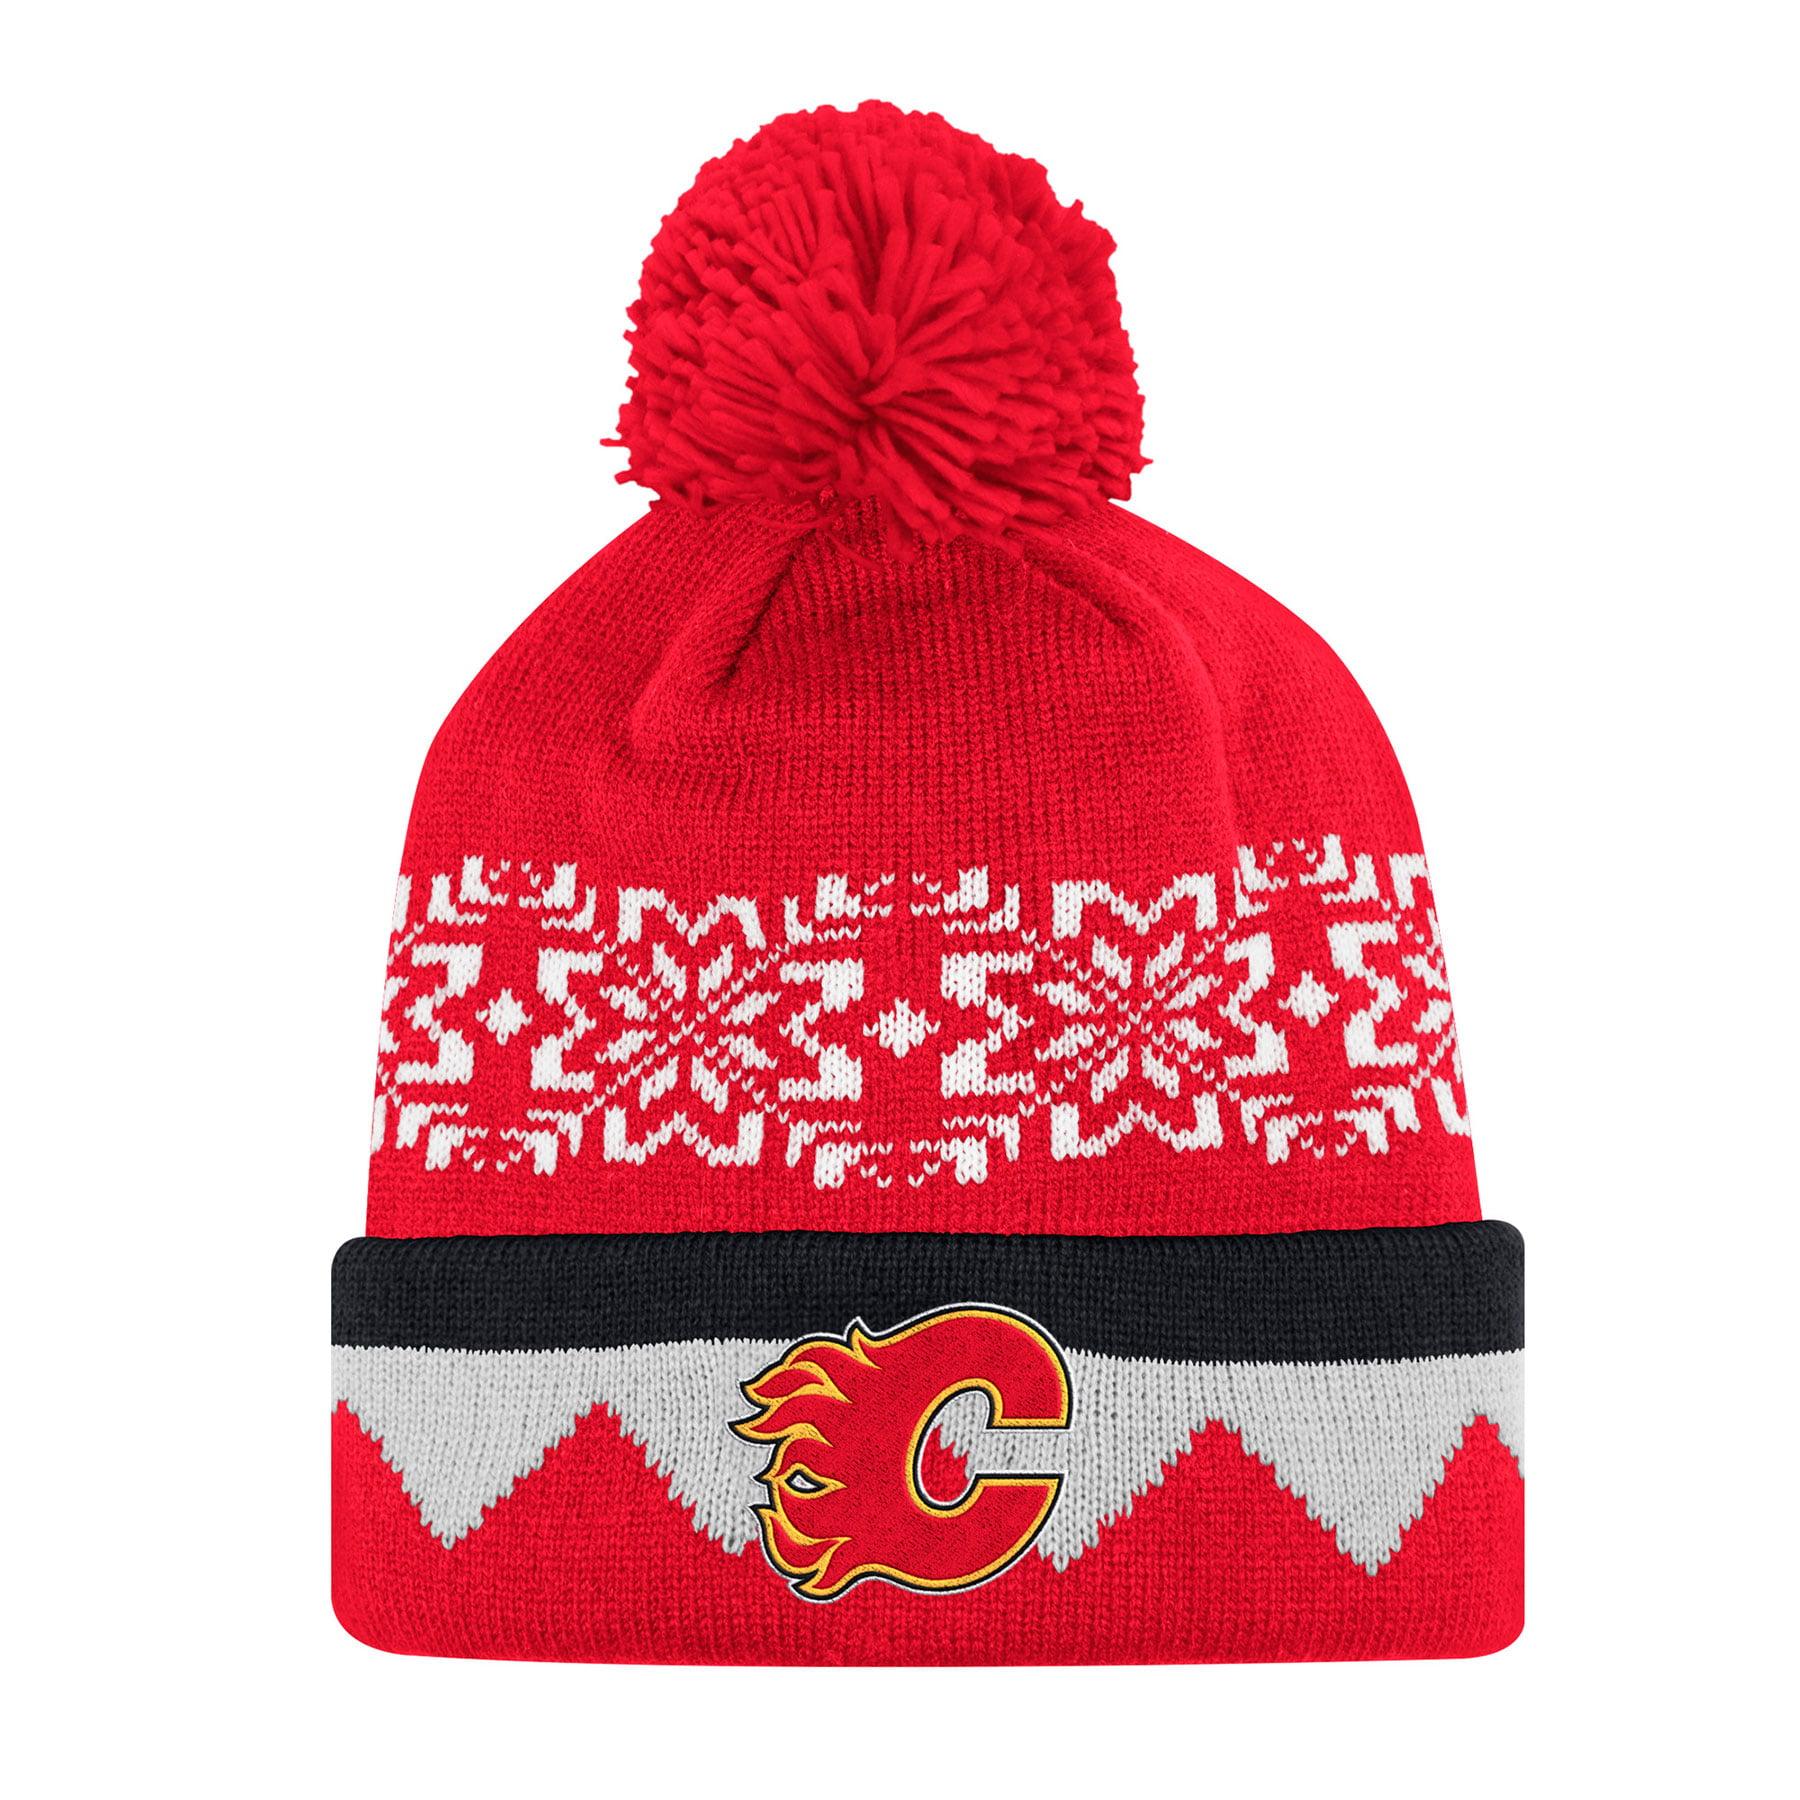 Calgary Flames Adidas NHL Snowflake Cuffed Pom Knit Hat 514002a572f